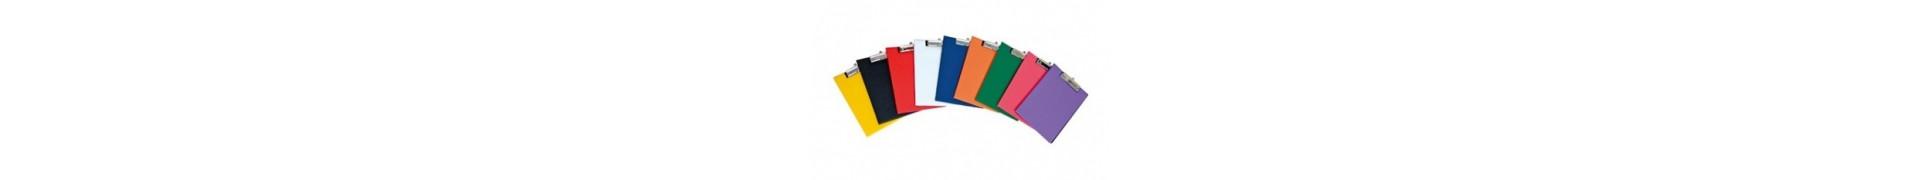 Клипборд, папки с джобове и разделители